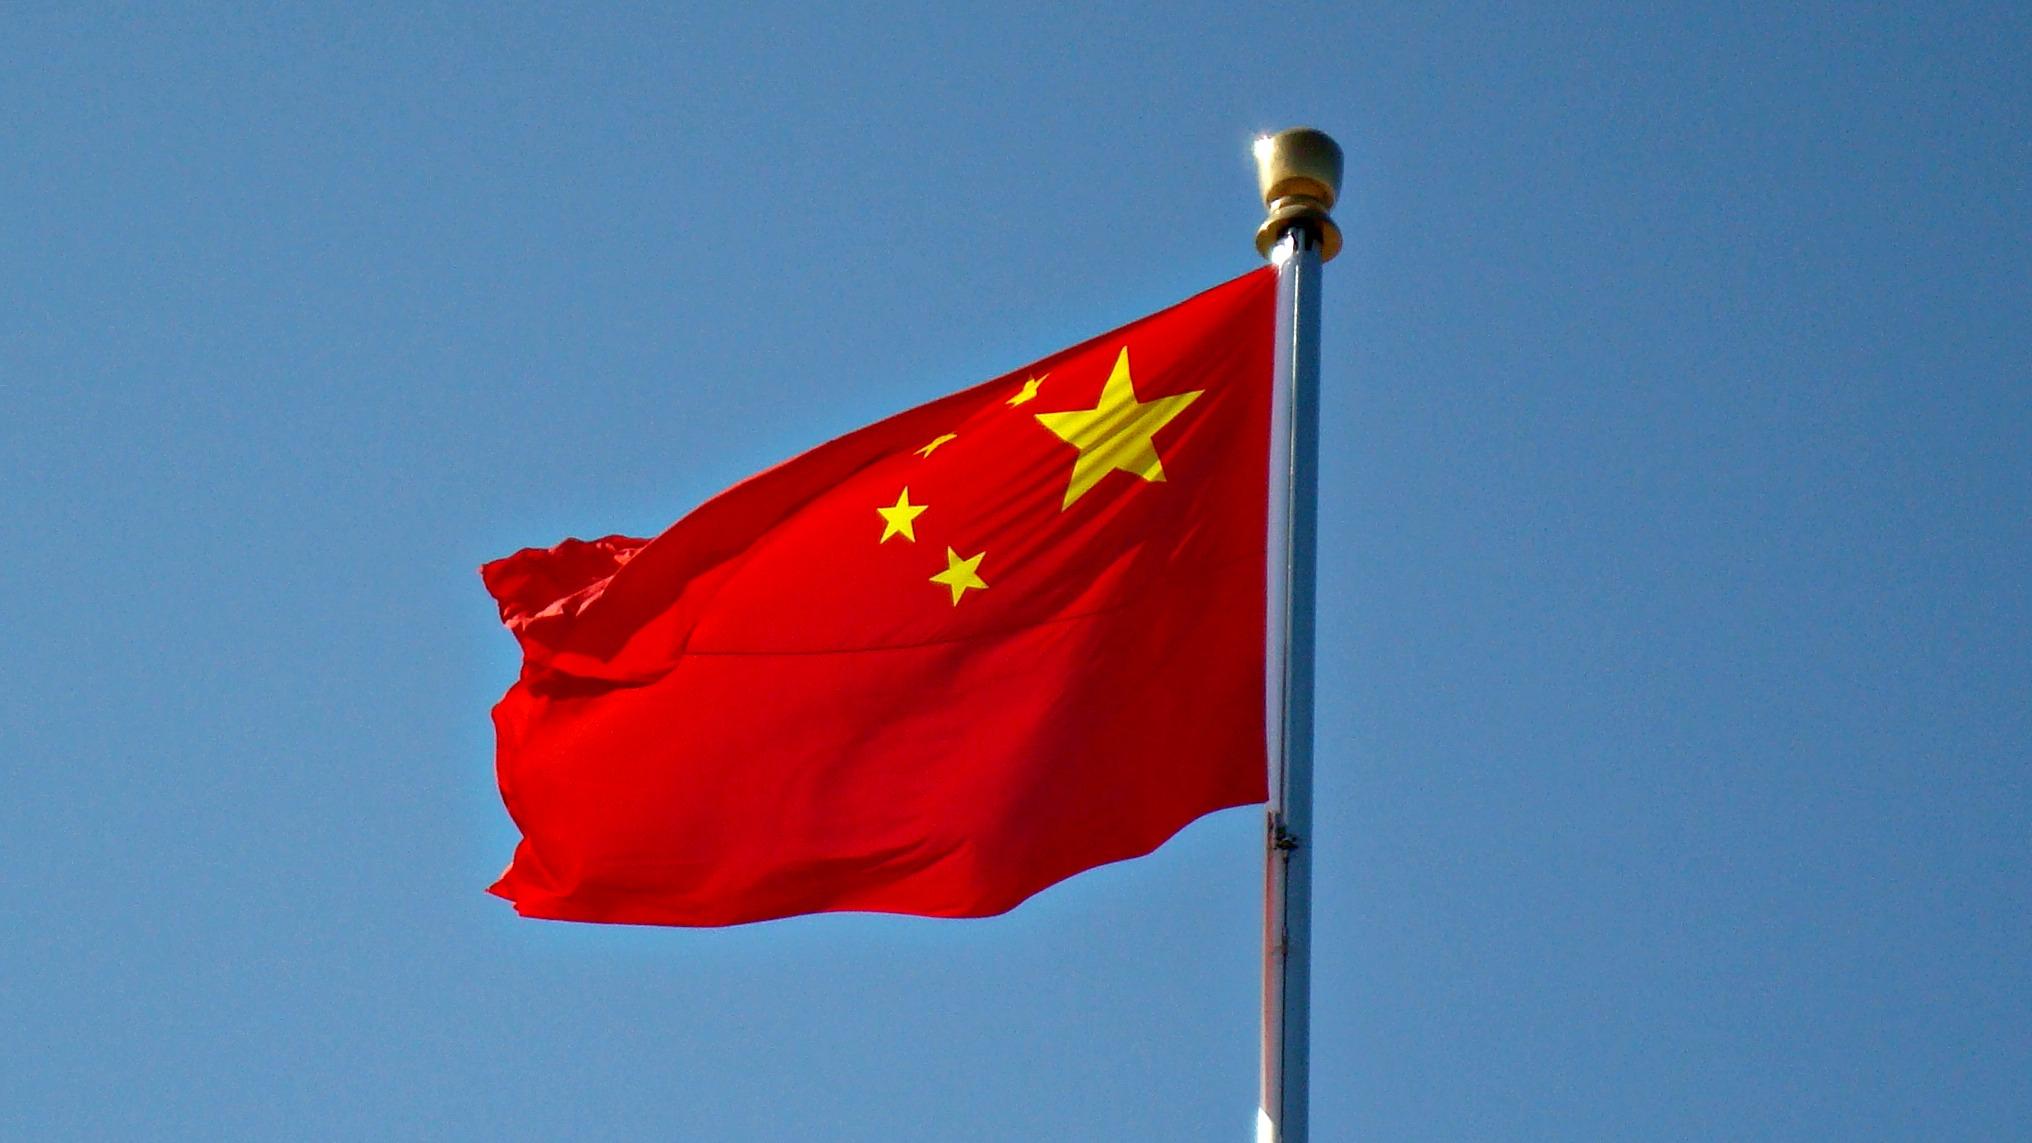 Chine: le pouvoir censure les expressions religieuses de certaines œuvres littéraires